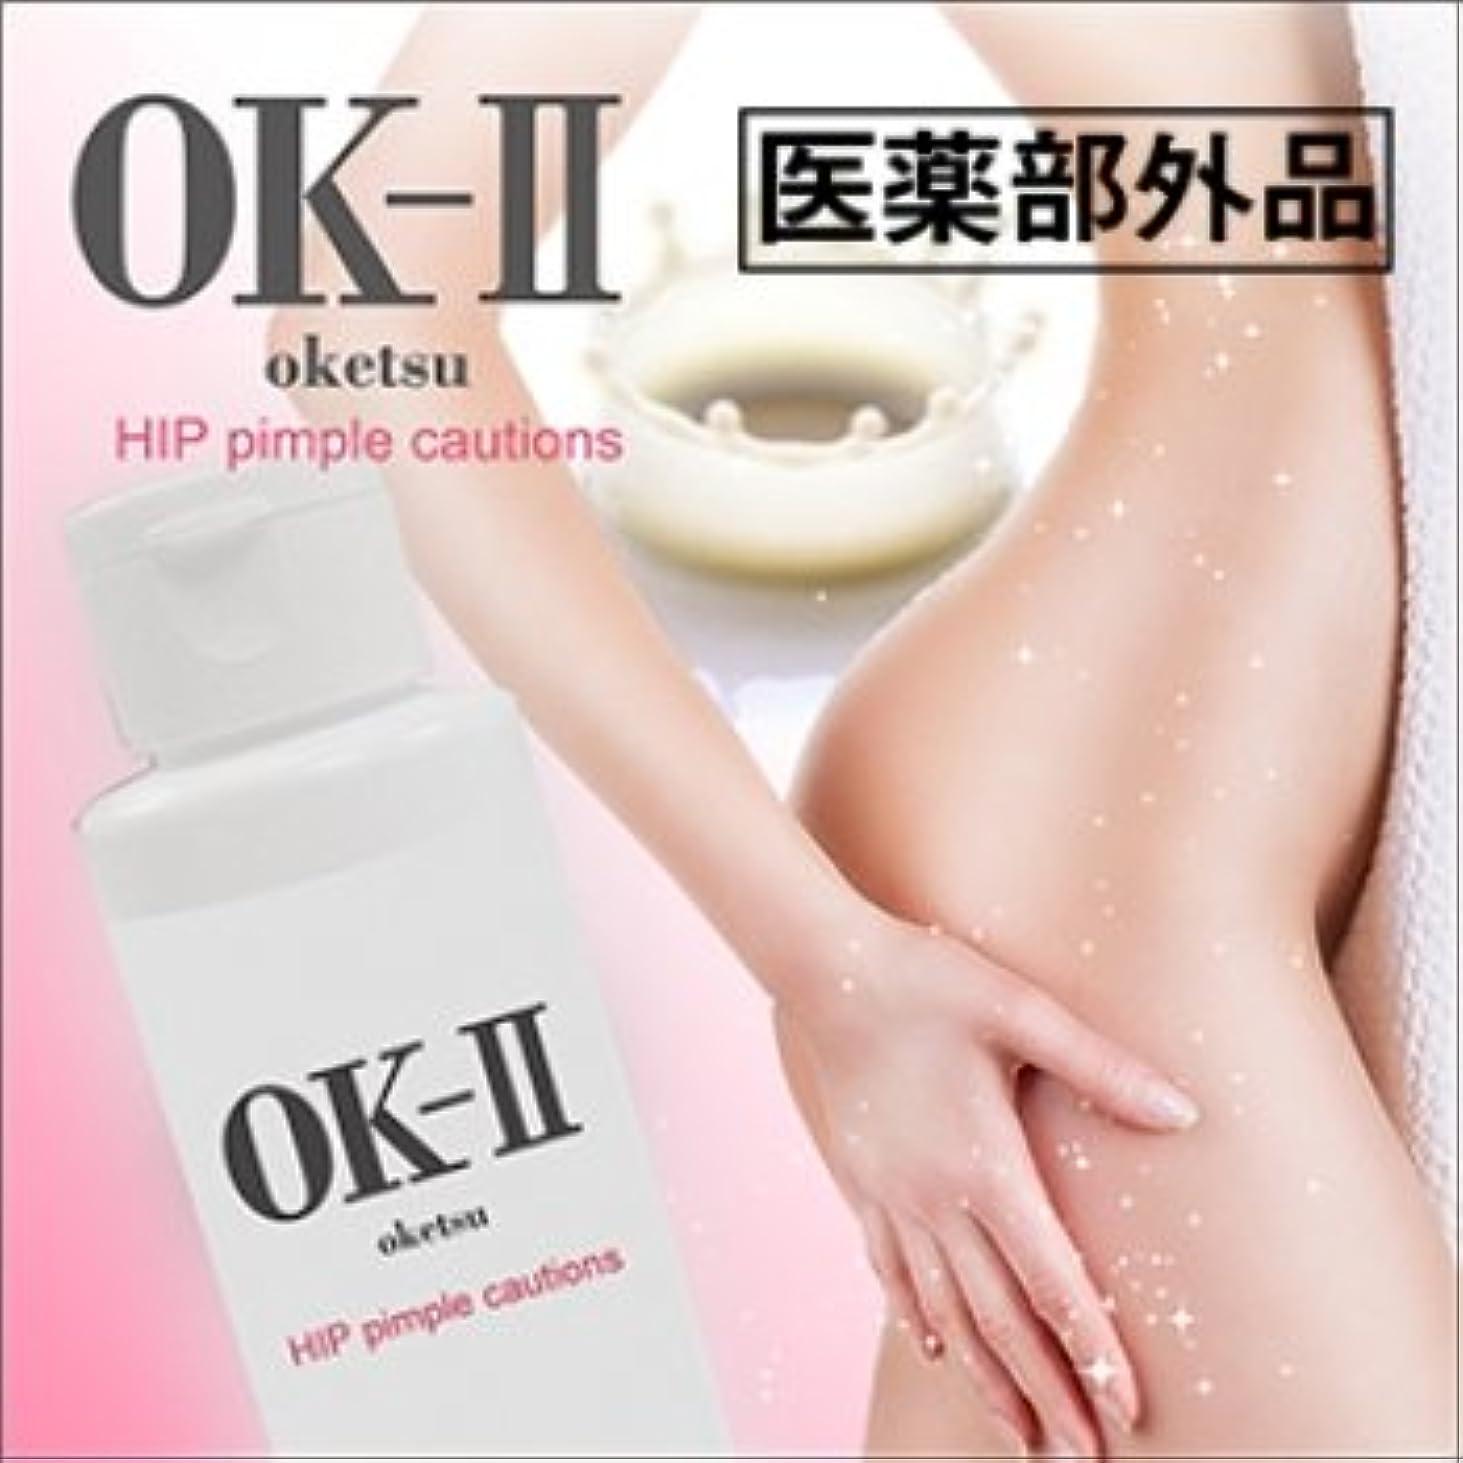 プットデコラティブ振る舞いOK-IIオッケーツー(薬用お尻ニキビケアボディ乳液)医薬部外品